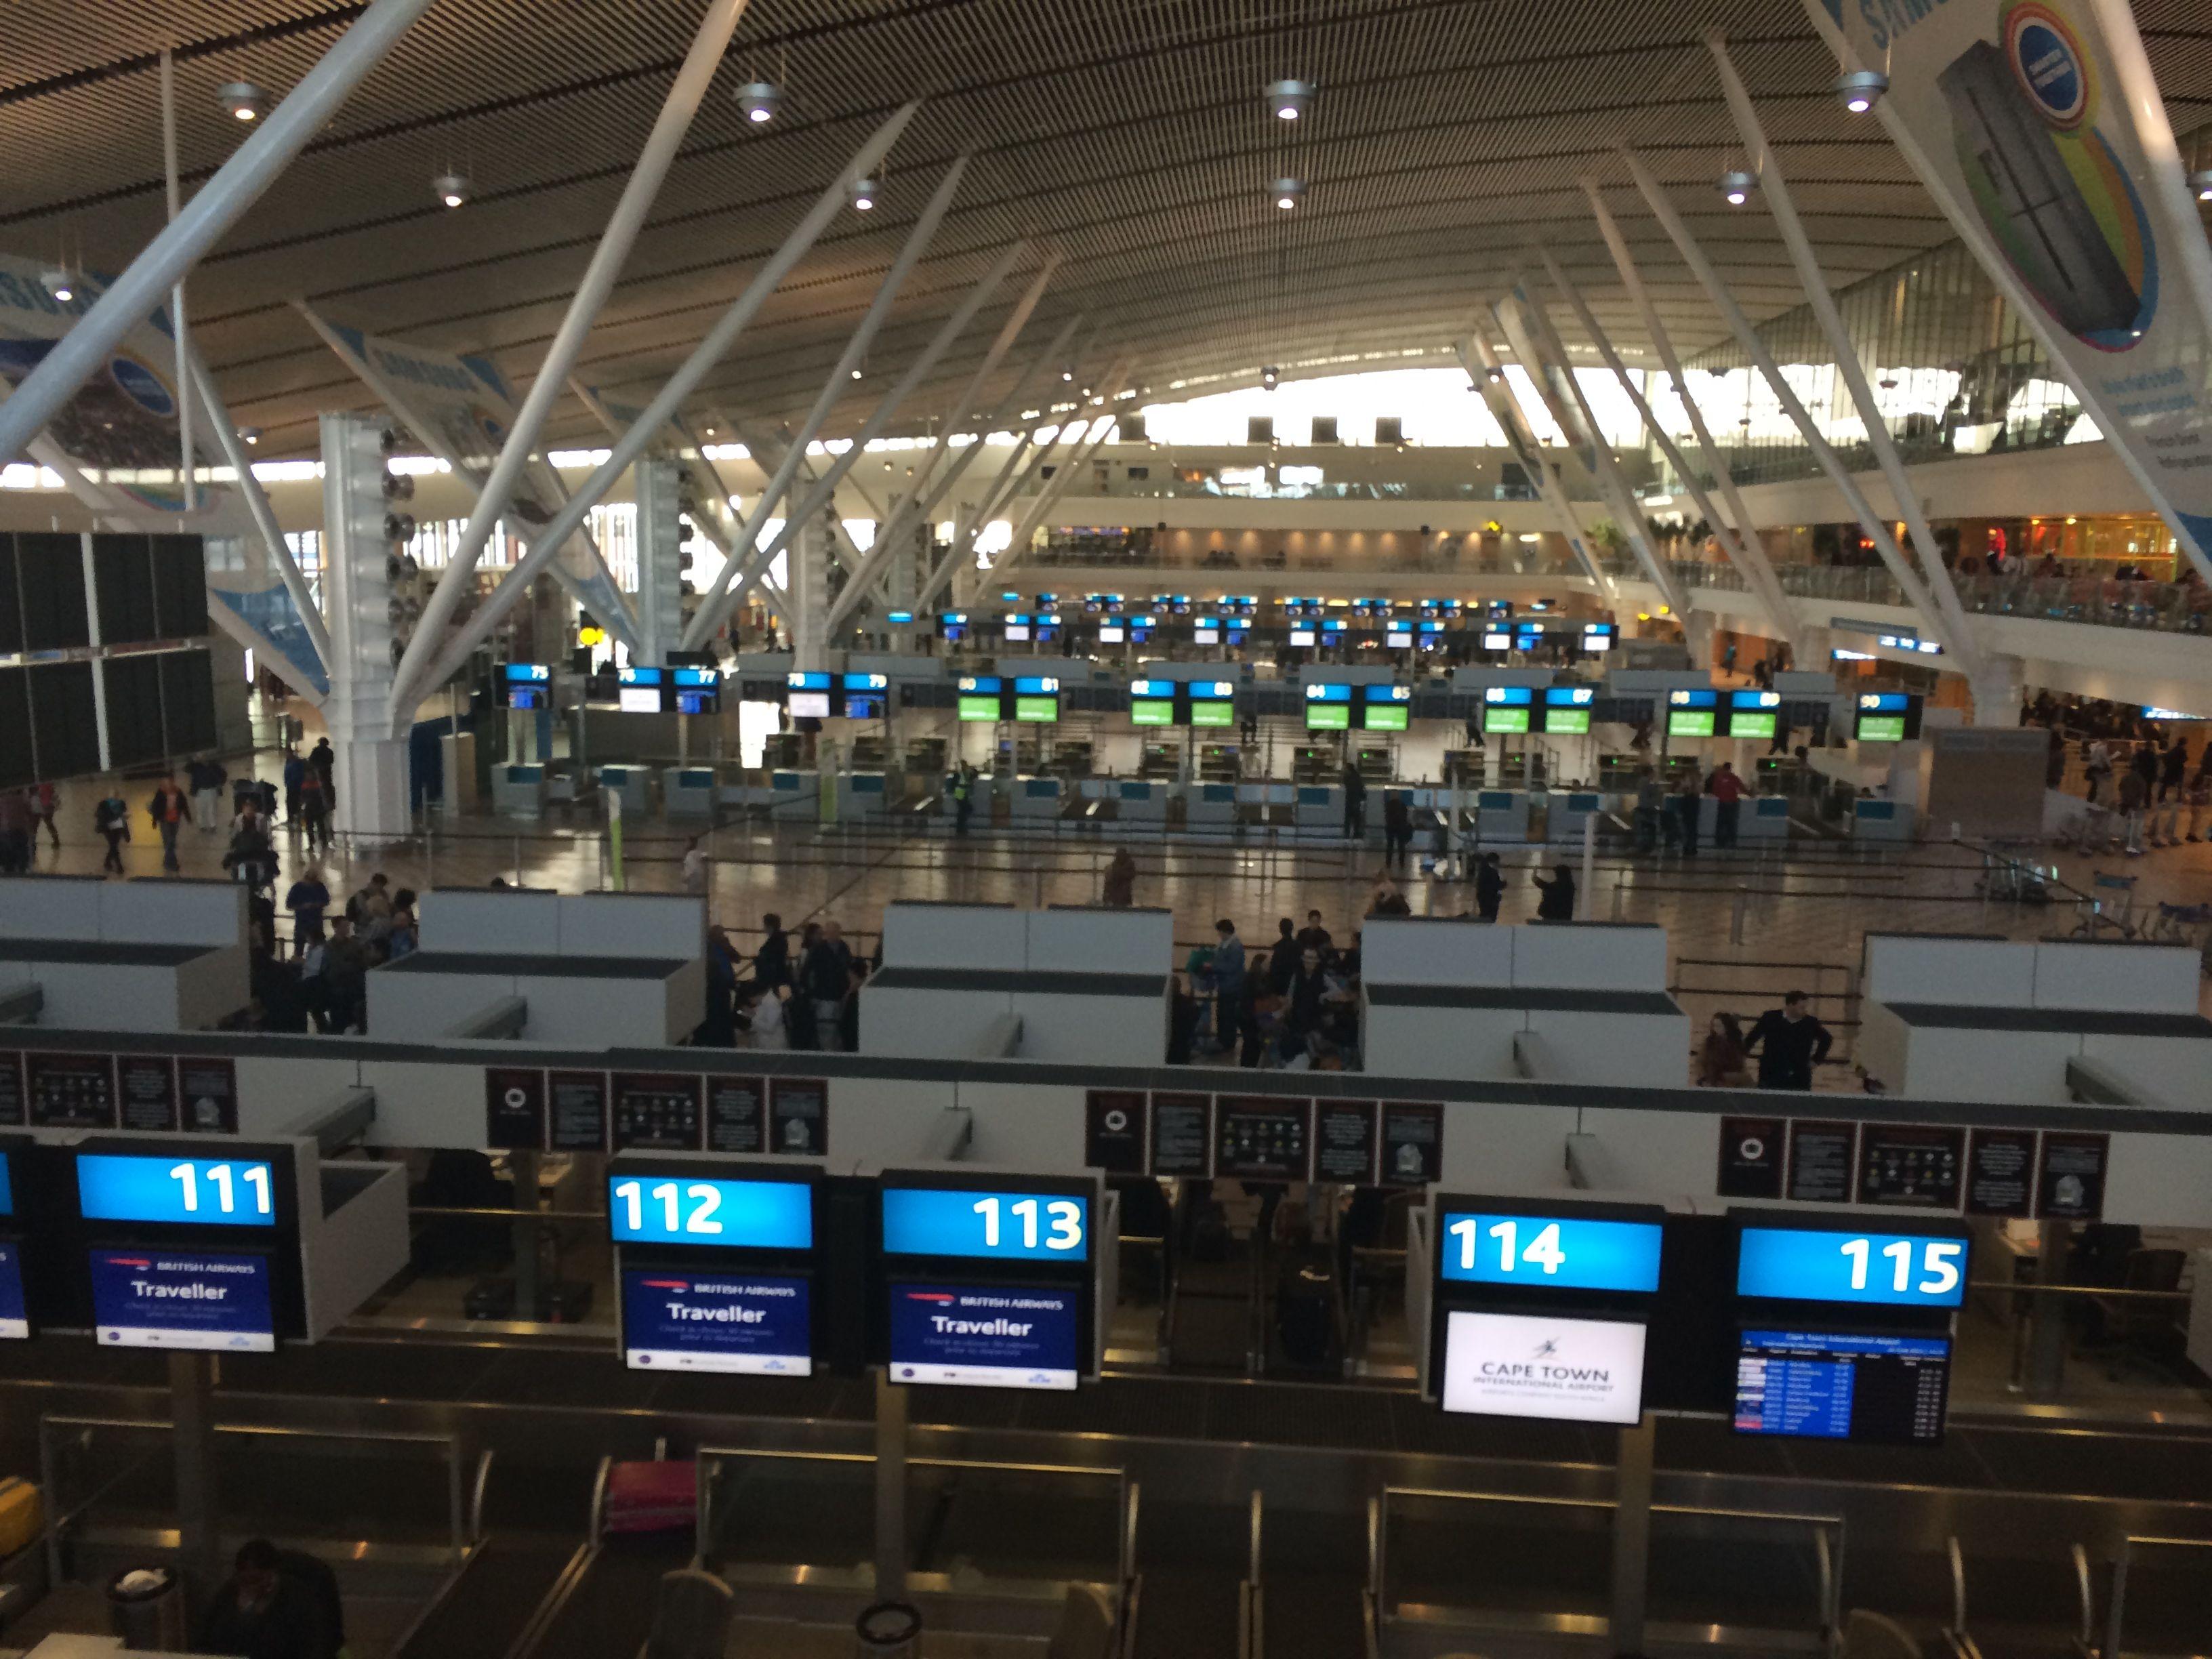 Aeroporto Johannesburg : Sudafrica aeroporto cape town international cpt